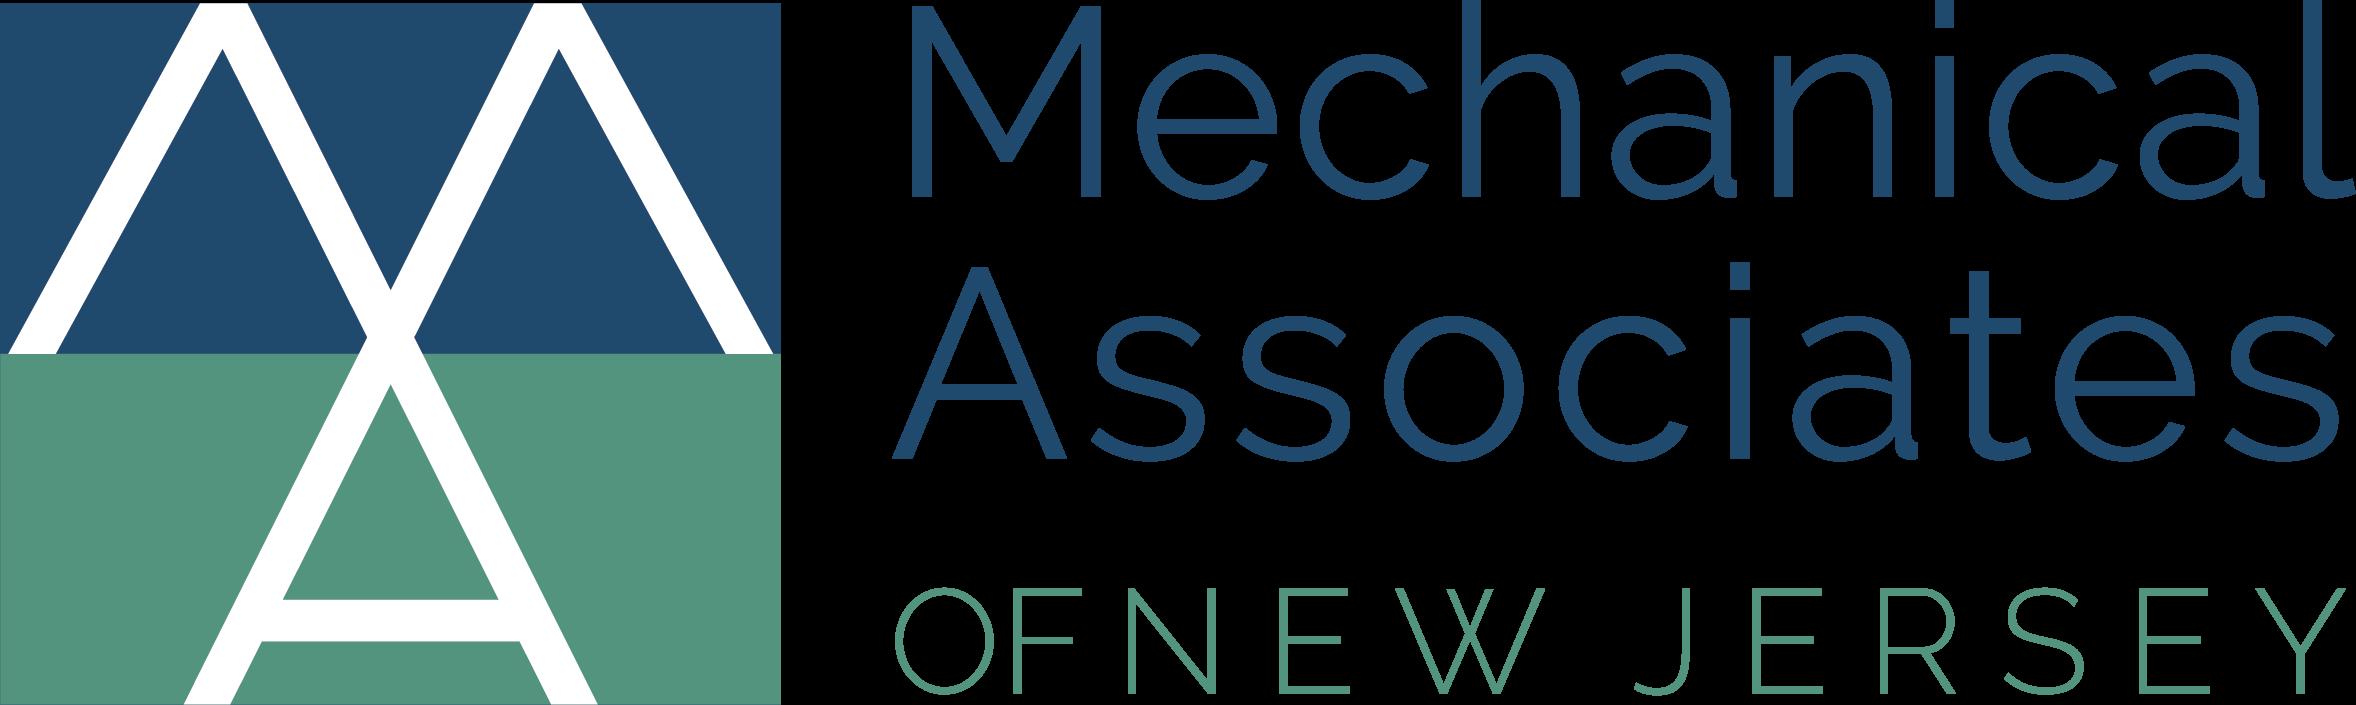 Mechanical Associates of New Jersey